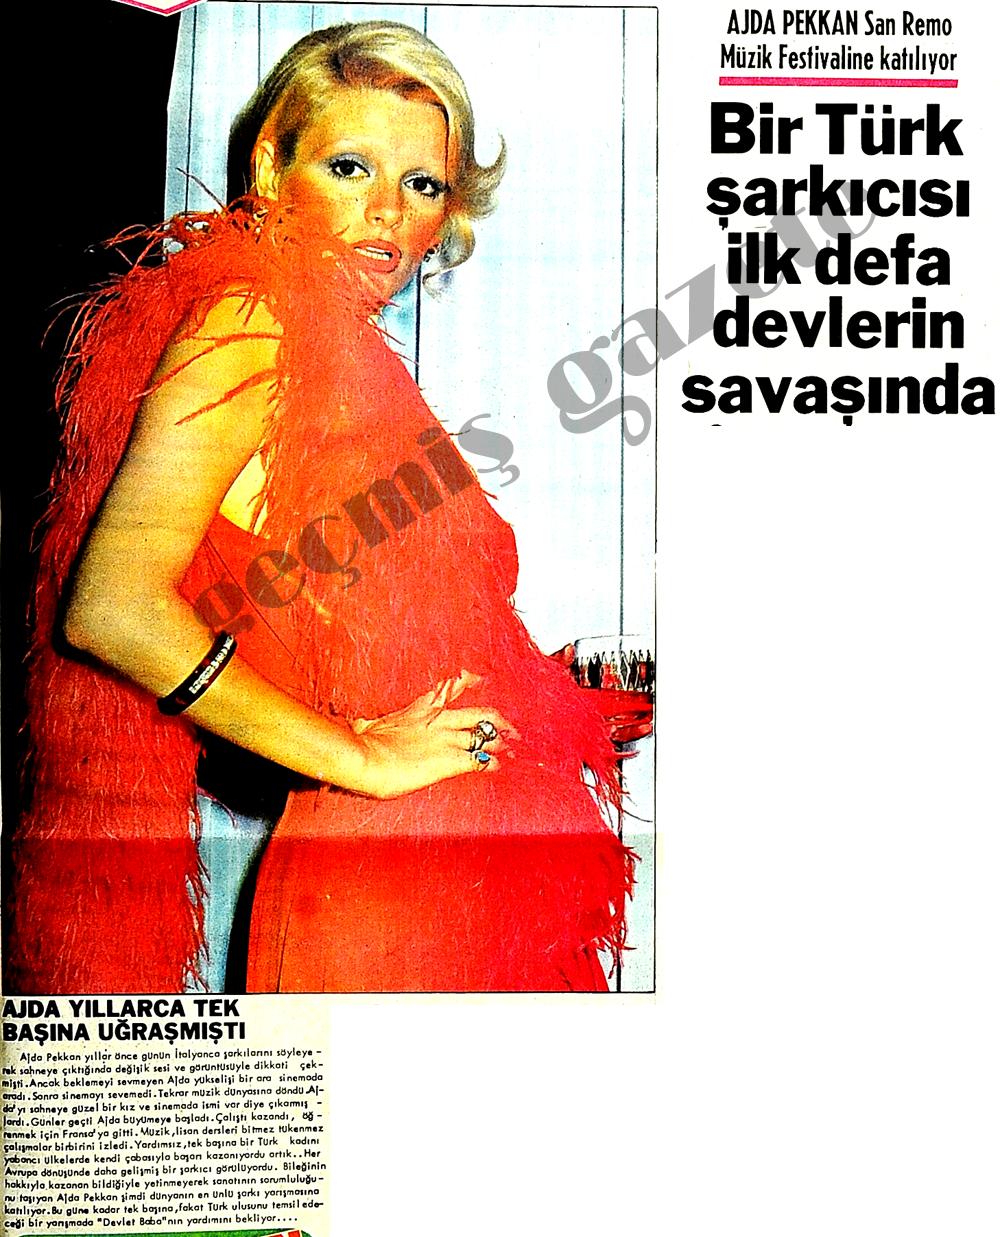 Bir Türk şarkıcısı ilk defa devlerin savaşında